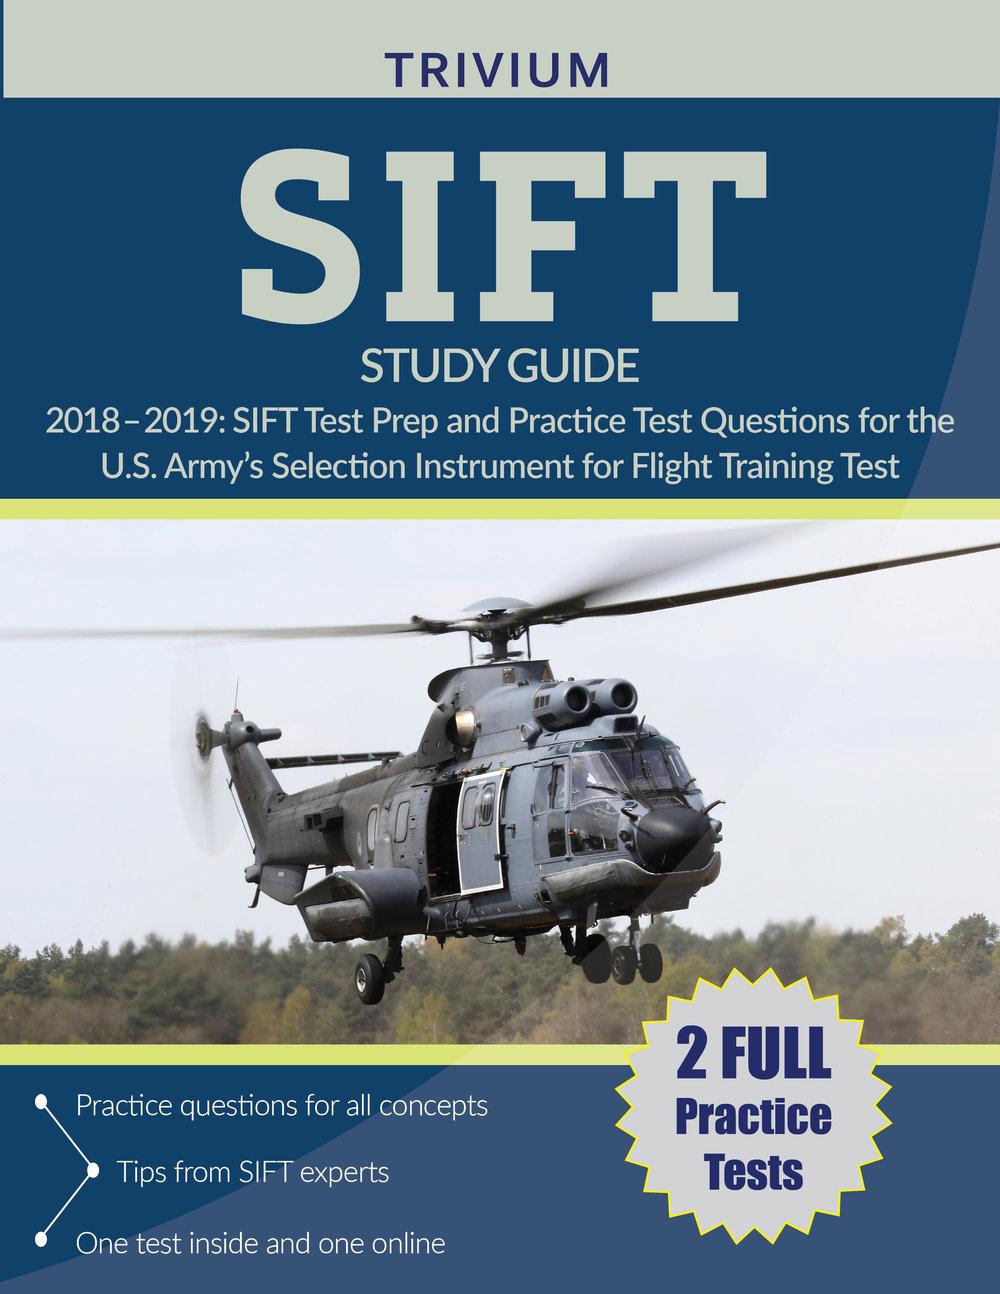 SIFT_cover_website (1).jpg